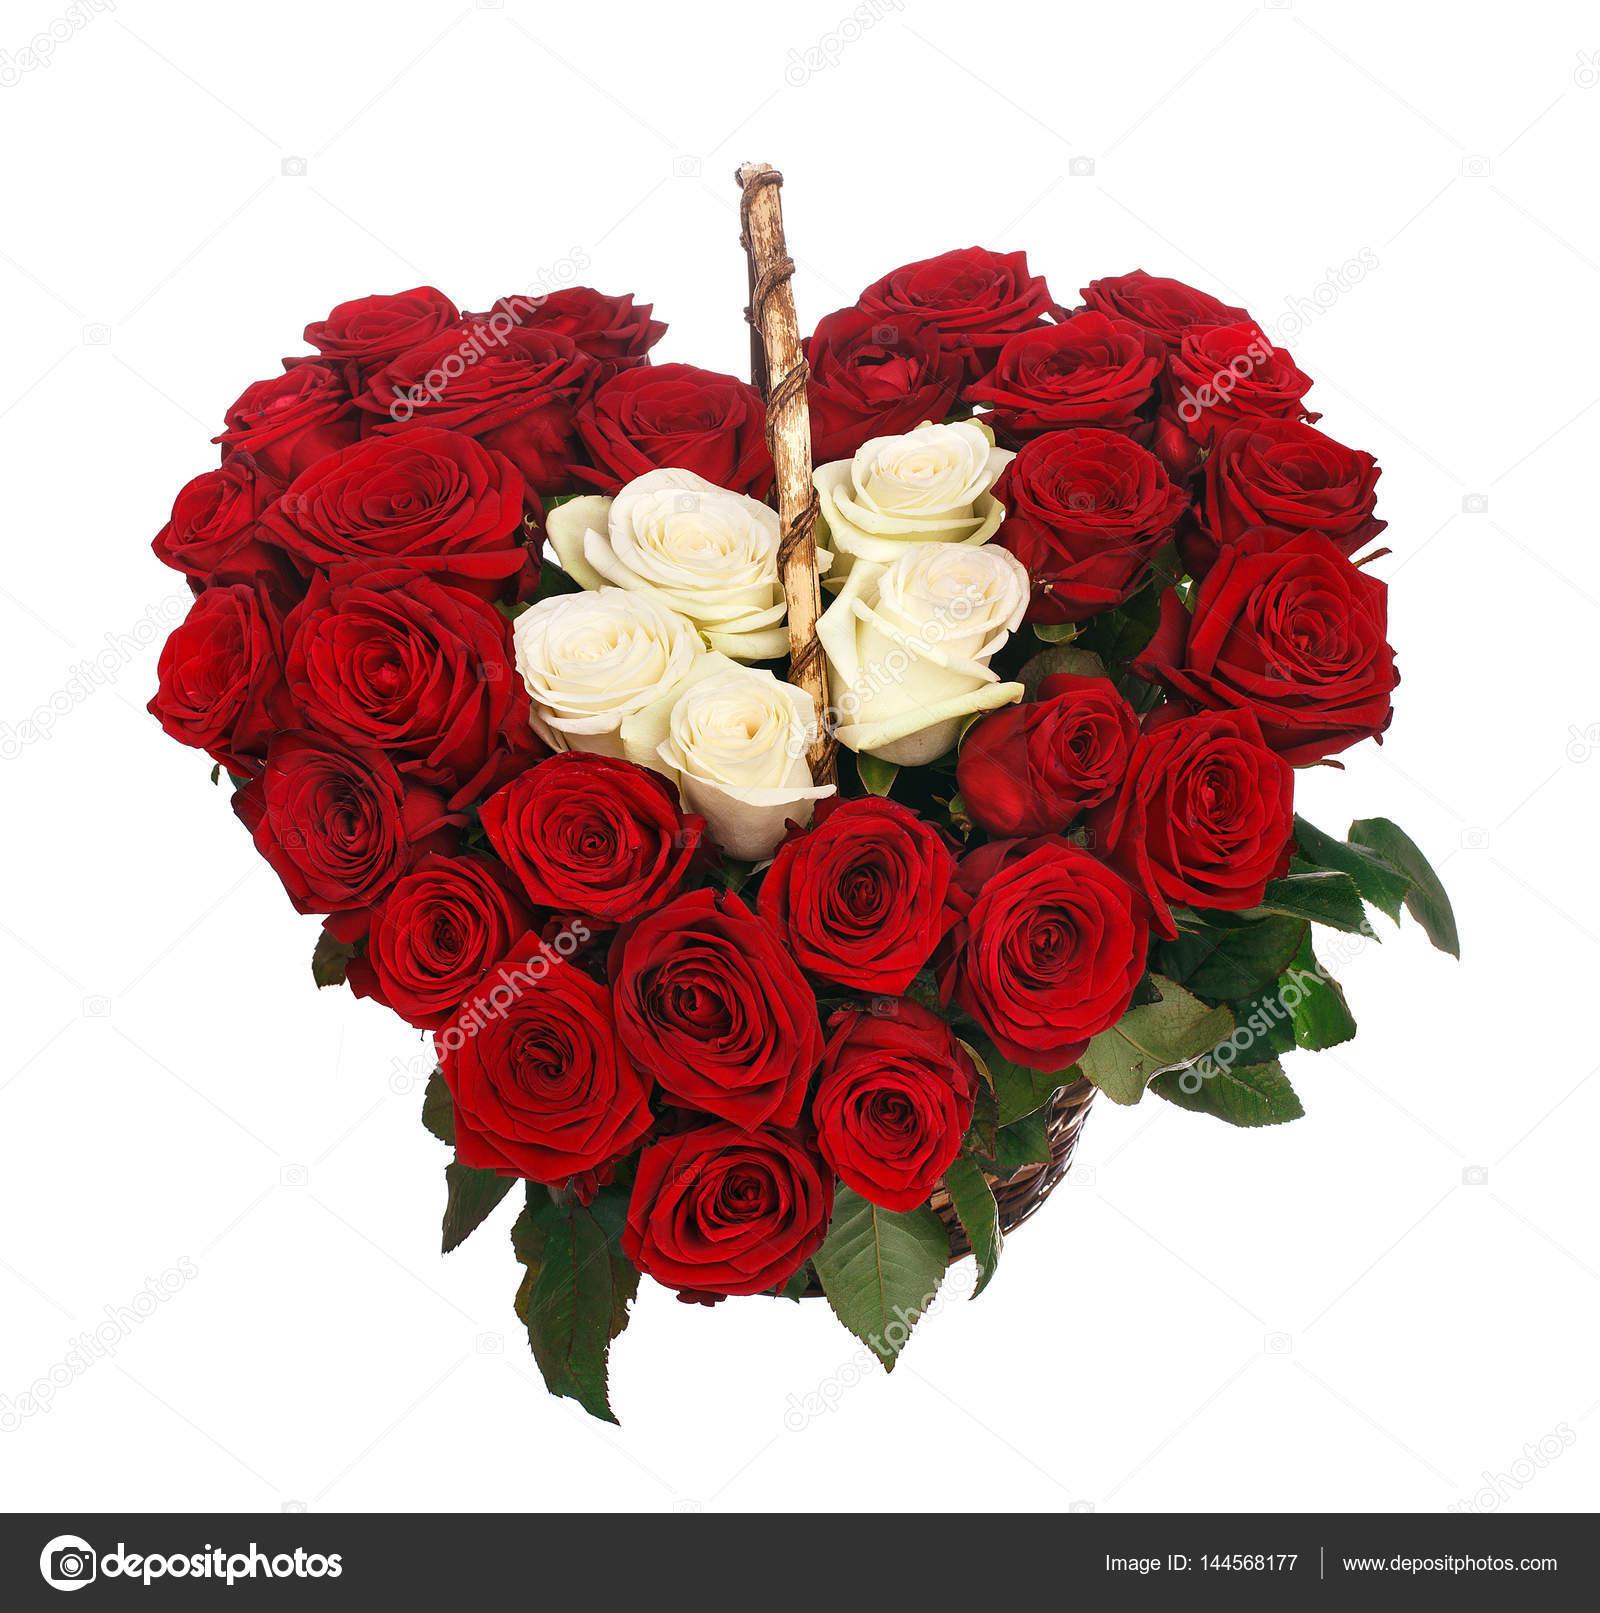 bouquet de roses rouges en forme de coeur — photographie vankad